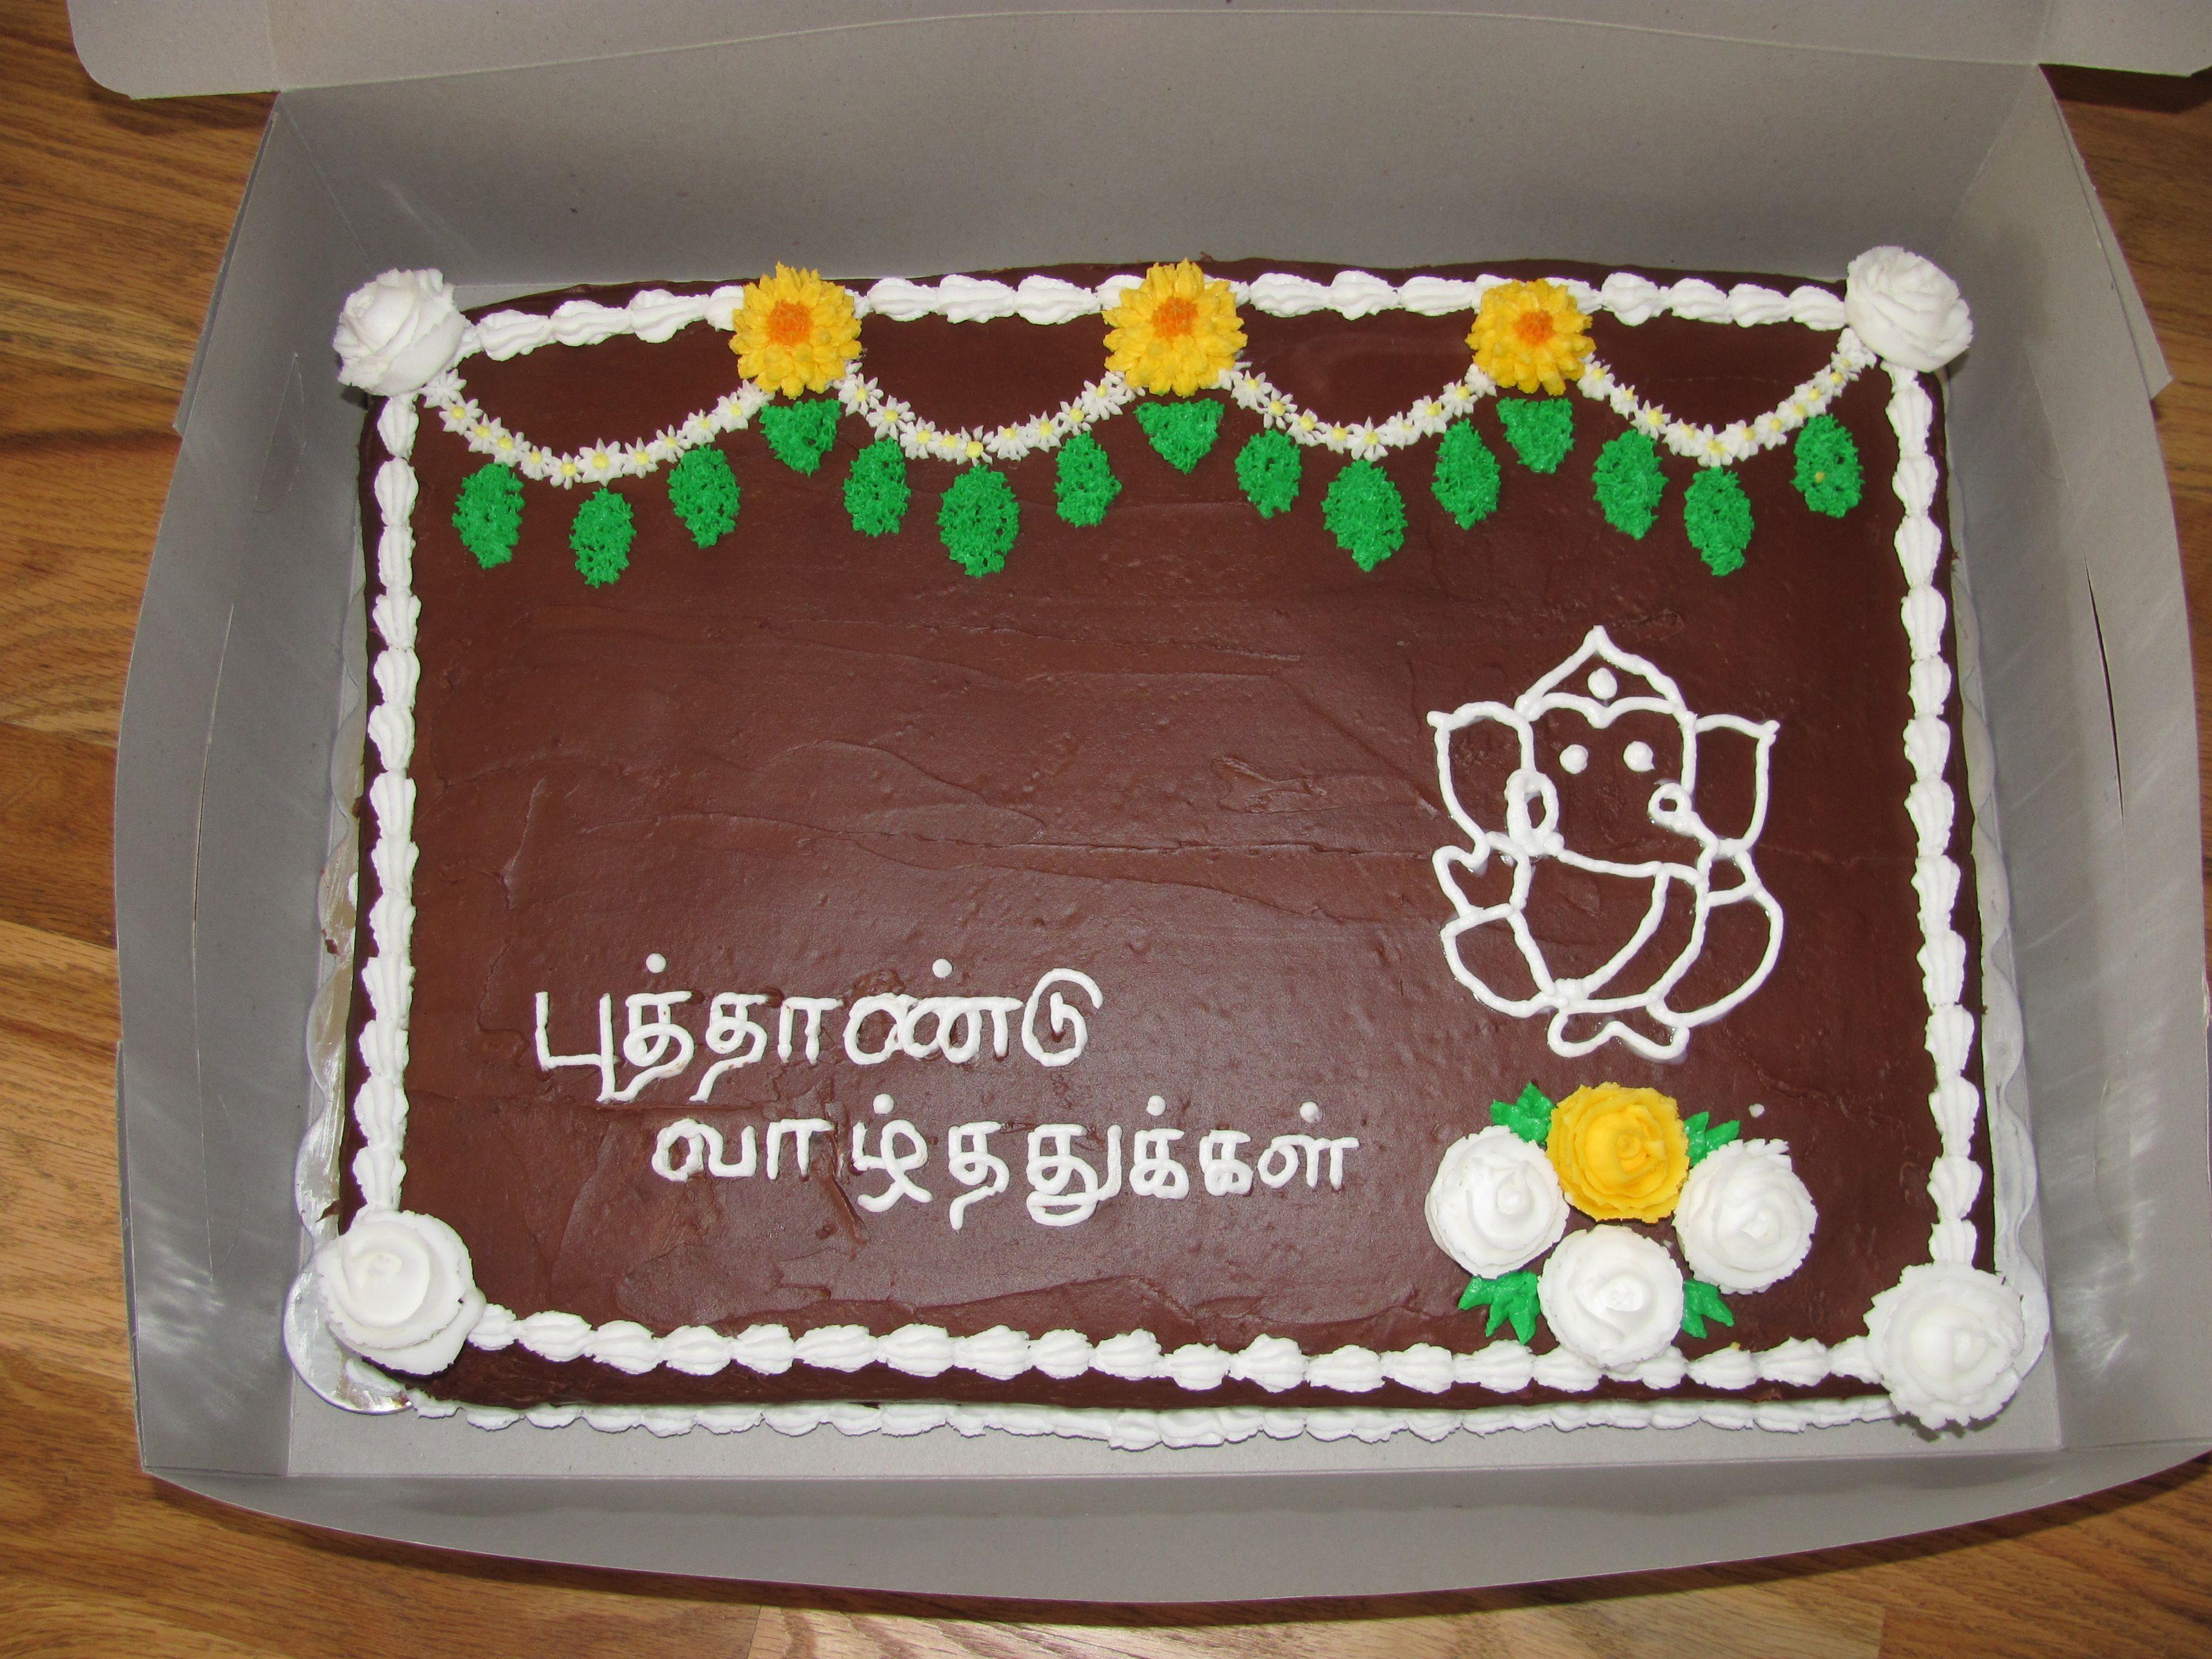 Ganesha Cake Images : Tamil New Year Ganesha Cake Bavani s Cakes Pinterest ...